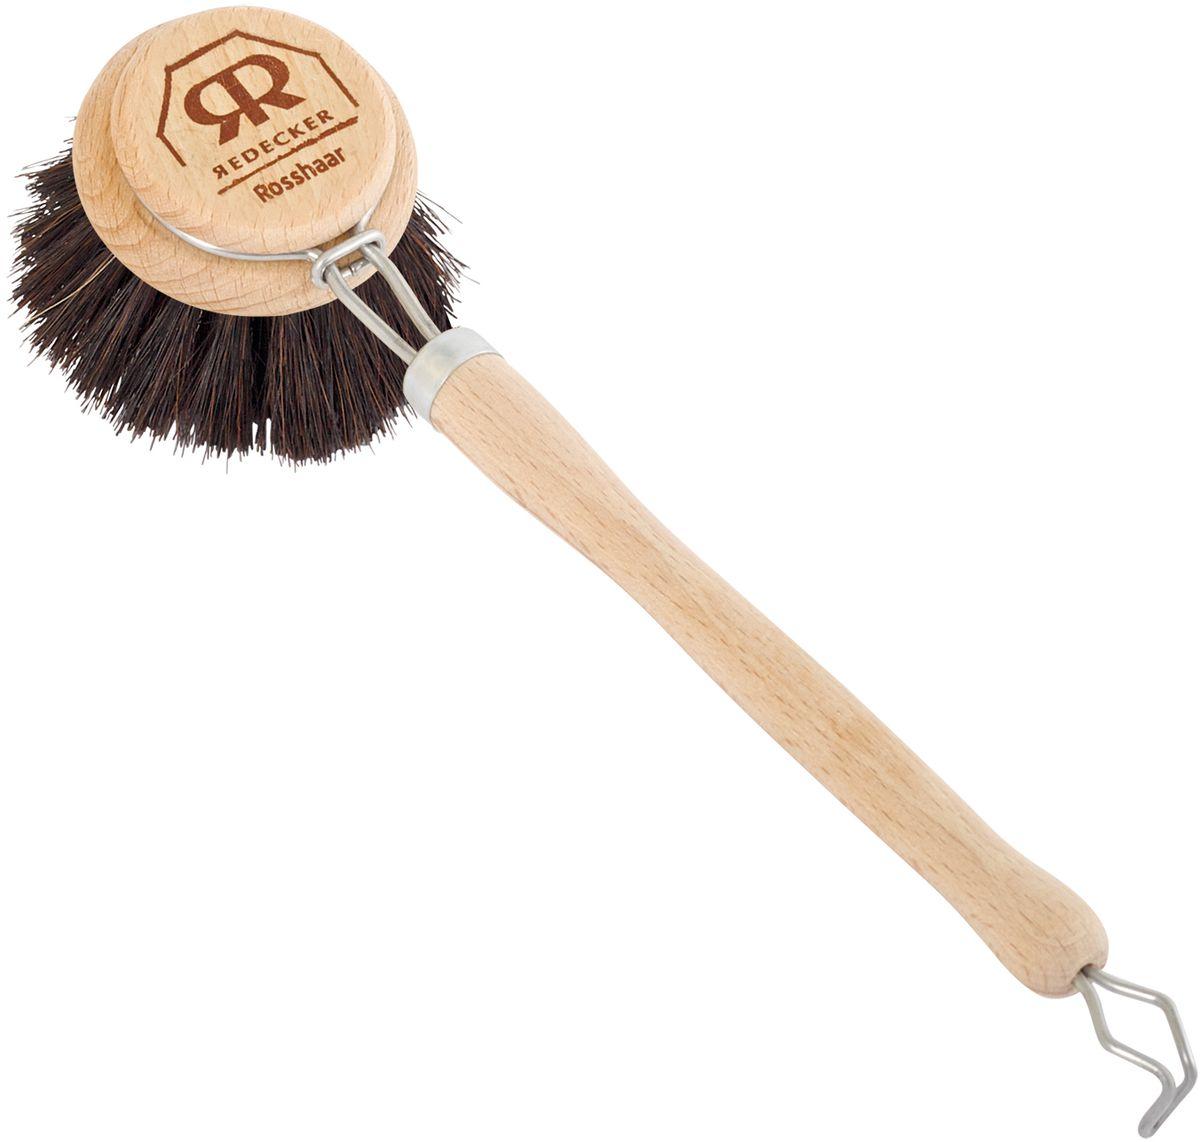 Щетка для мытья посуды Redecker с мягкой щетиной, диаметр 5 см320650Щётка для мытья посуды Redecker изготовлена из необработанной древесины бука и мягкой щетины из темного конского волоса. Идеально подходит для ежедневного мытья тарелок, чашек и столовых приборов. Удобная длинная ручка позволит избежать ненужного контакта рук с химическими чистящими средствами и водой. Металлическое кольцо на конце - для вертикального хранения щётки.Конский волос - это один из основных материалов для любого изготовителя щеток. Для получения щетины обычно используют волосы с хвоста или гривы. Поскольку конский волос содержит большое количество кератина, он устойчив к воздействию кислот и щелочей, что необходимо для любой щётки для уборки. Также конский волос отличается устойчивостью к разрывам и повышенной упругостью. Таким образом, даже при частом использовании щётки с чистящими и абразивными веществами, риск того, что щетина испортится или деформируется, сводится к нулю.Диаметр щетки - 5 см.